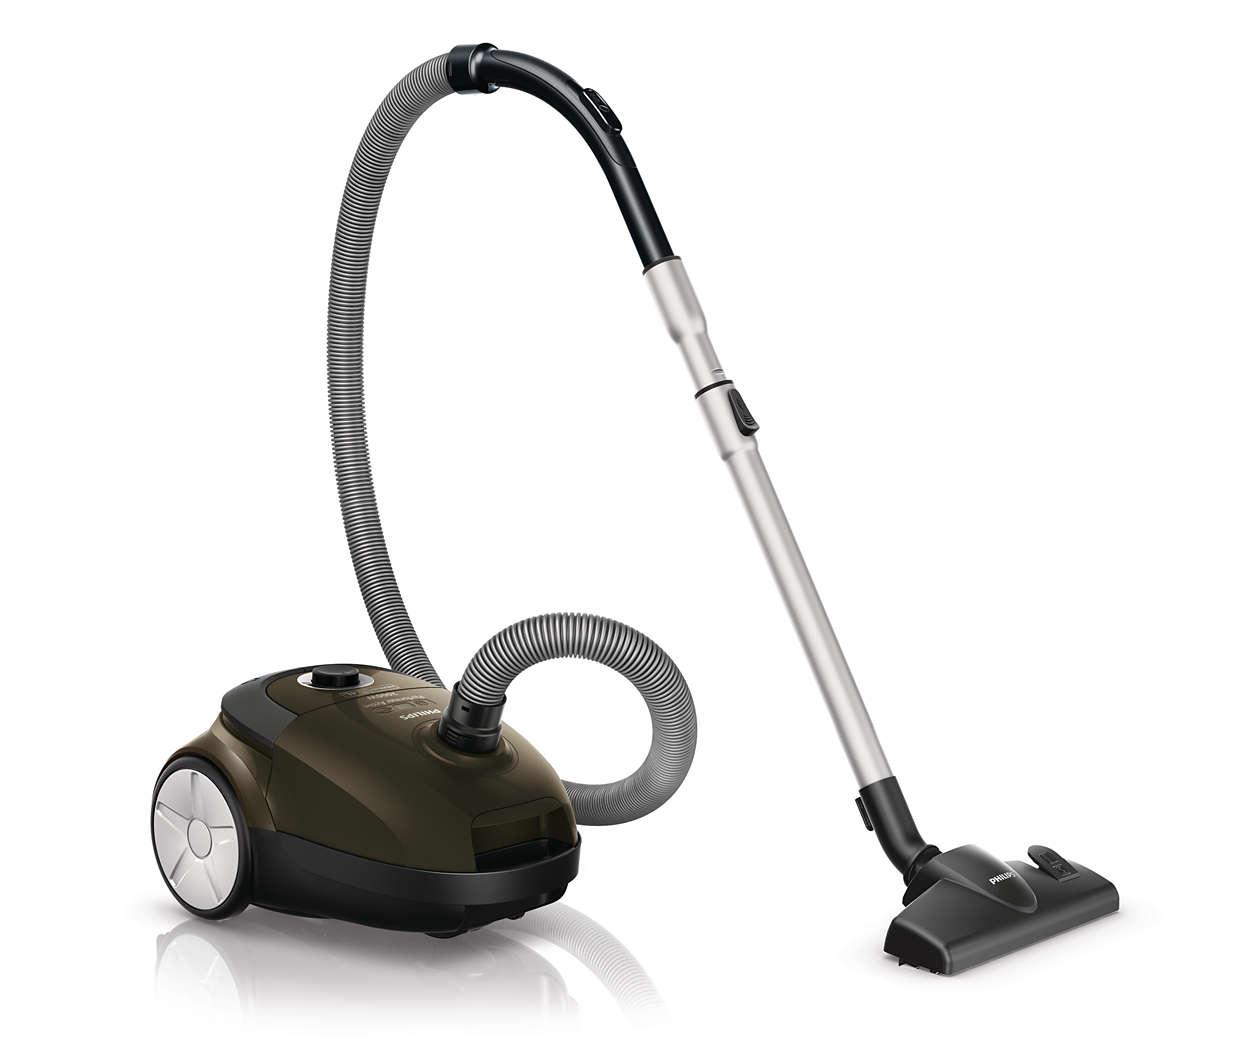 Maksimal sugeeffekt for bedre rengjøringsresultater*